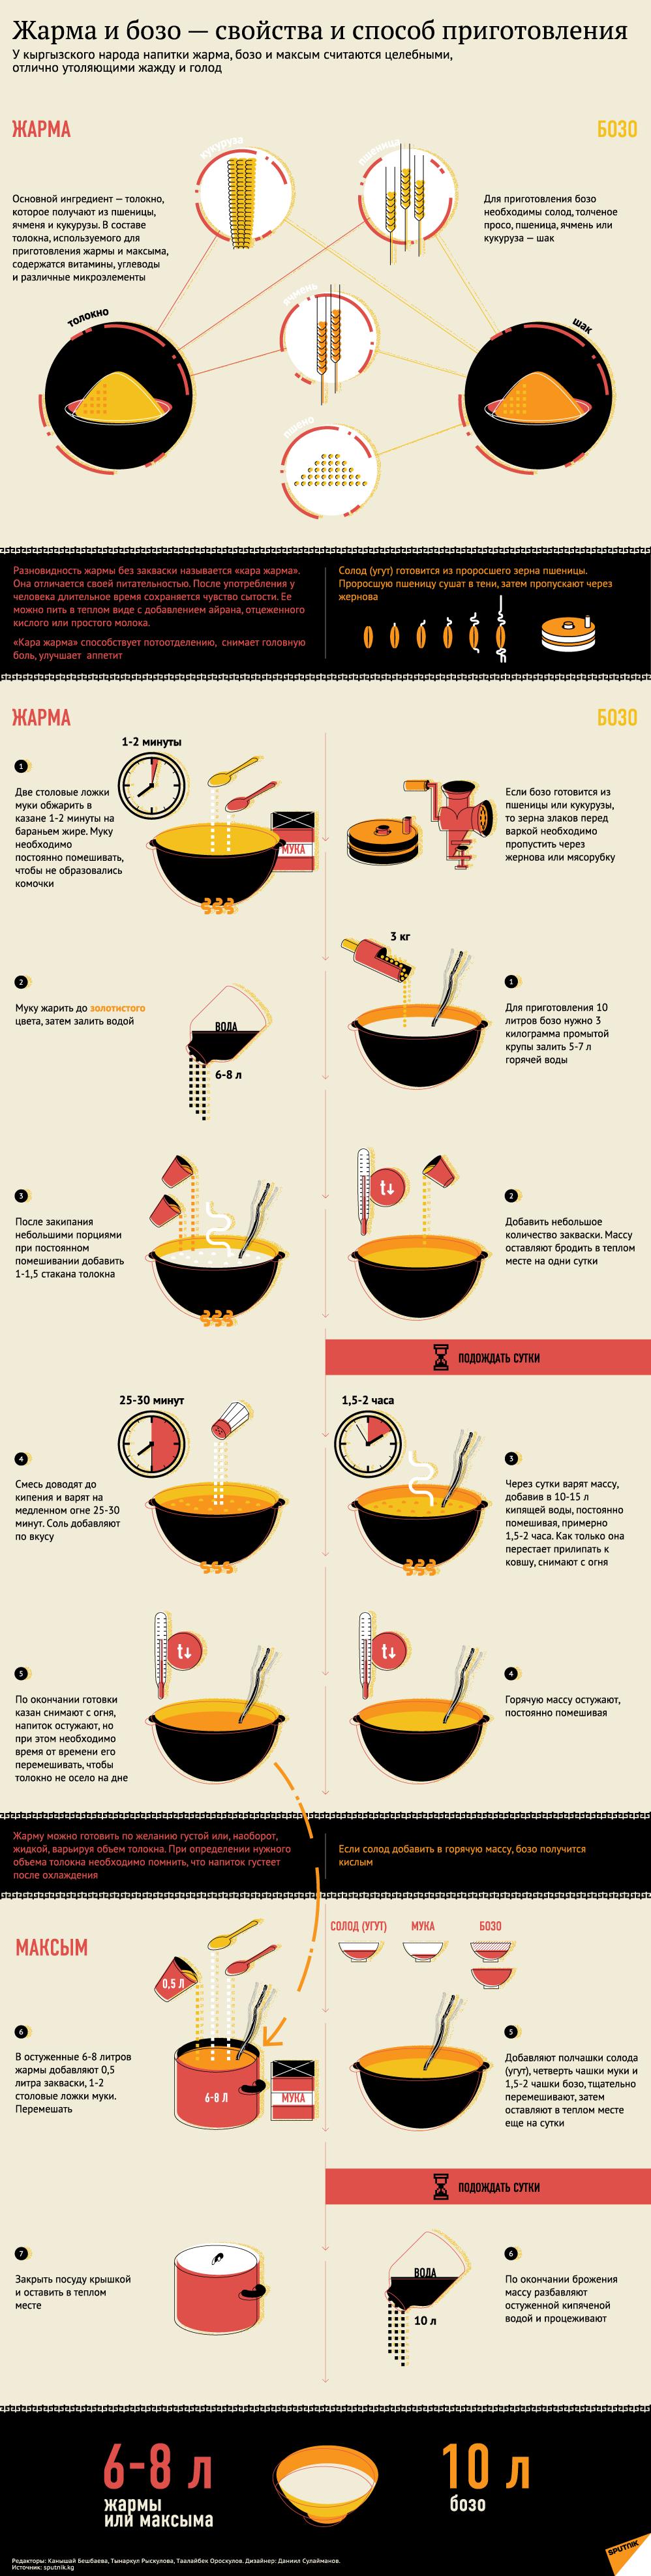 Жарма и бозо — cвойства и способ приготовления